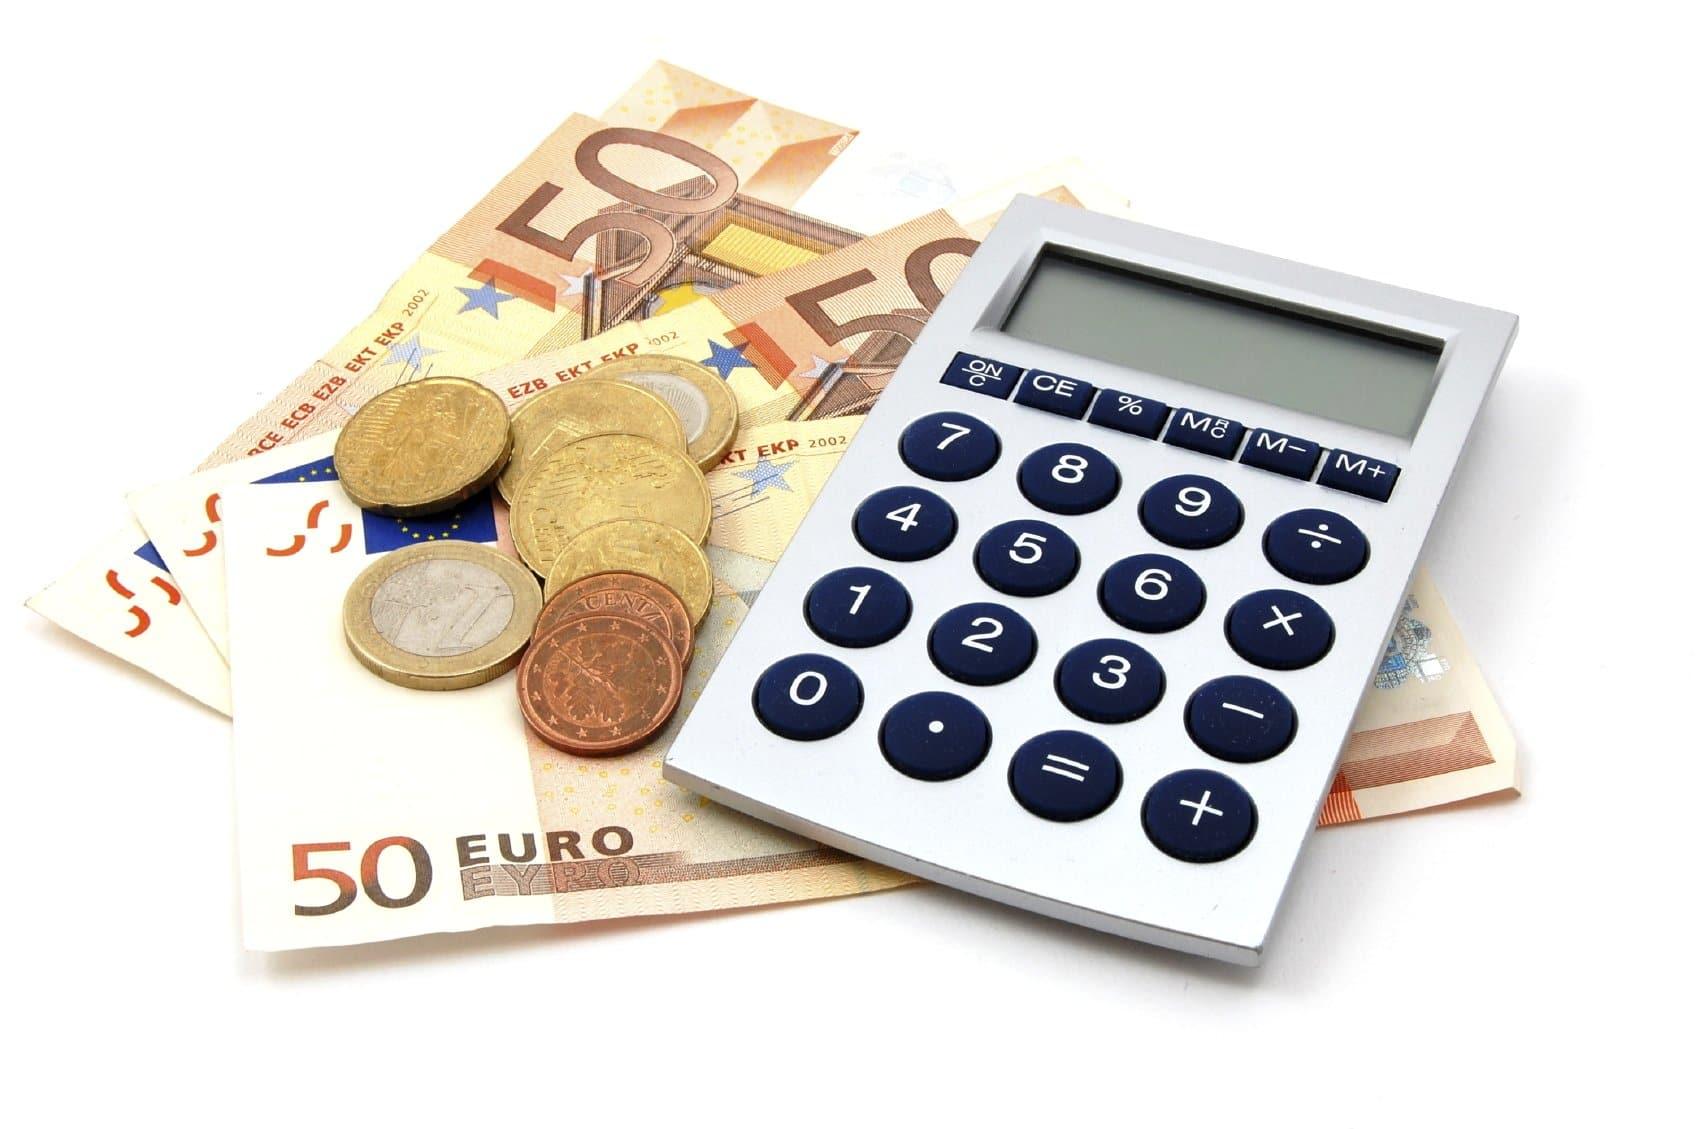 Tippgeber-Provision für Immobilienverkauf in Berlin & Potsdam